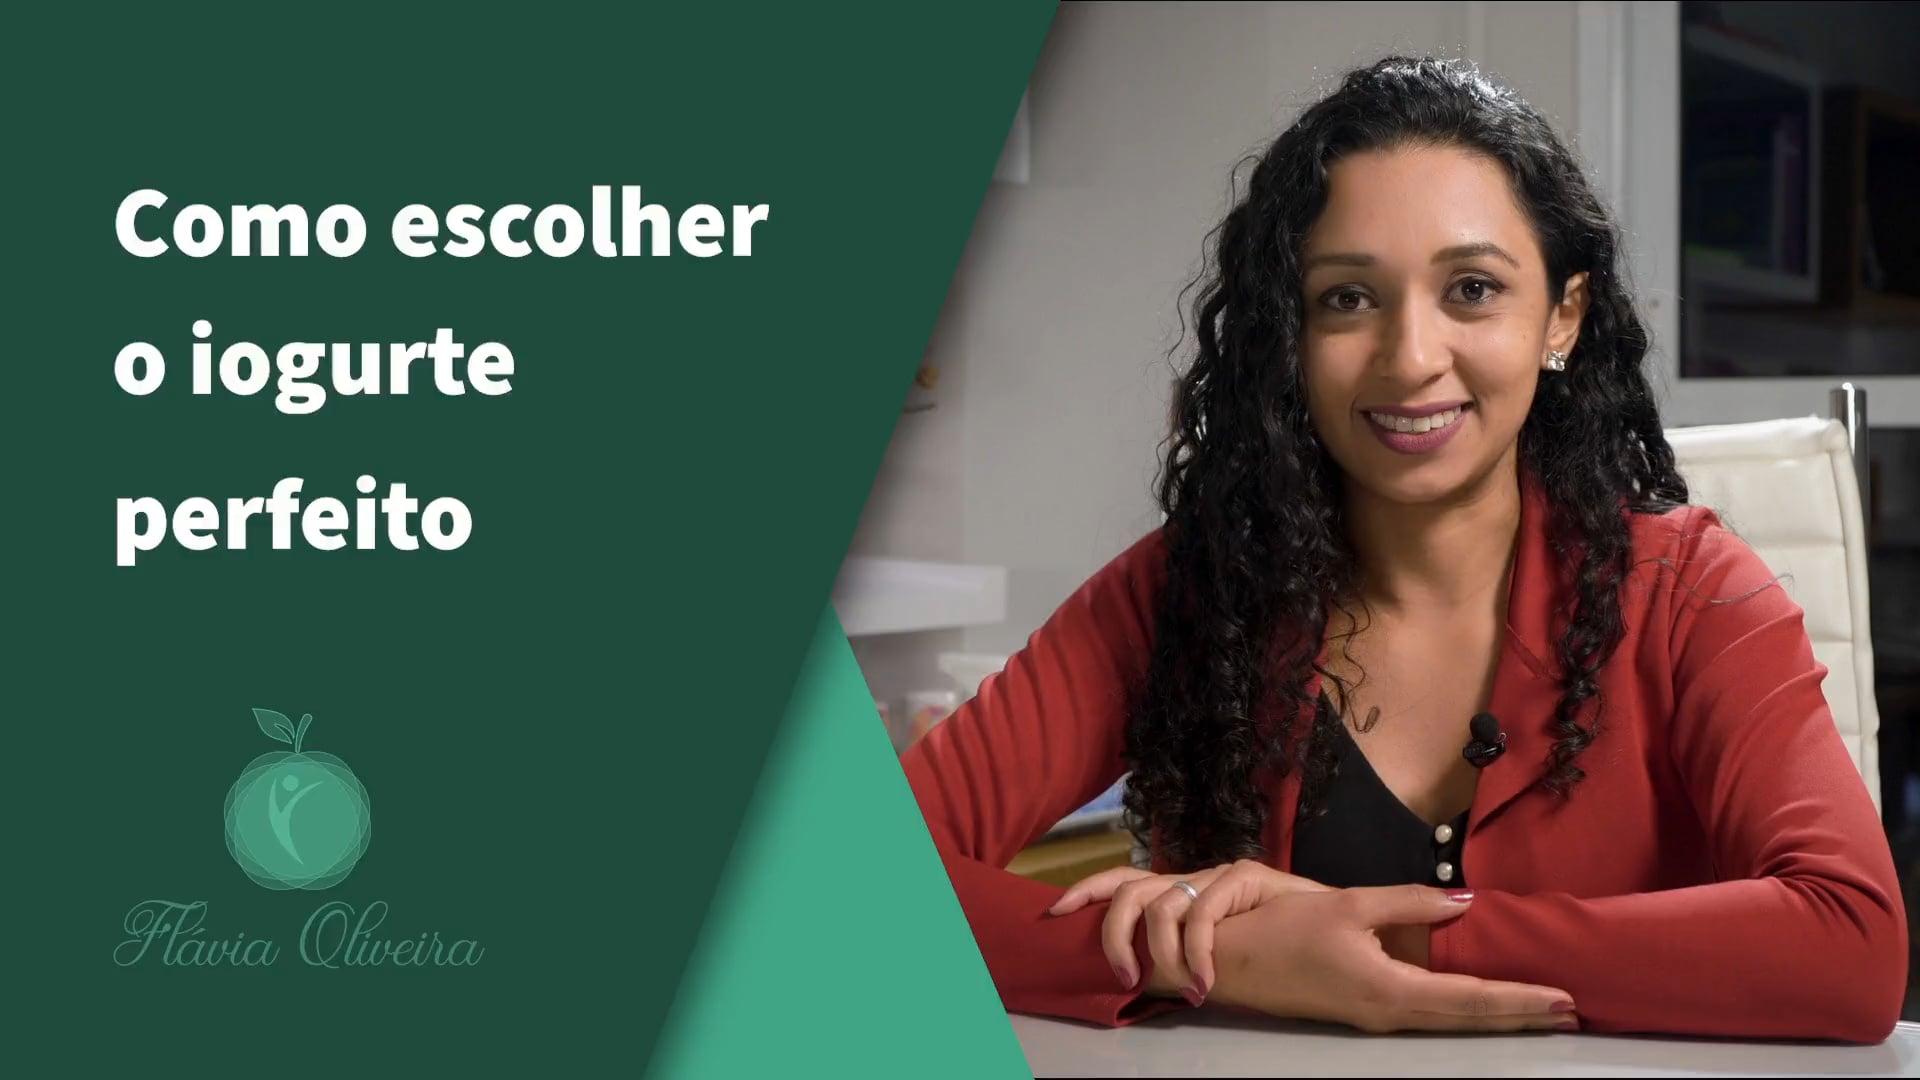 Emagrecimento saudável com Flávia Oliveira - Como Escolher O Iogurte Perfeito.